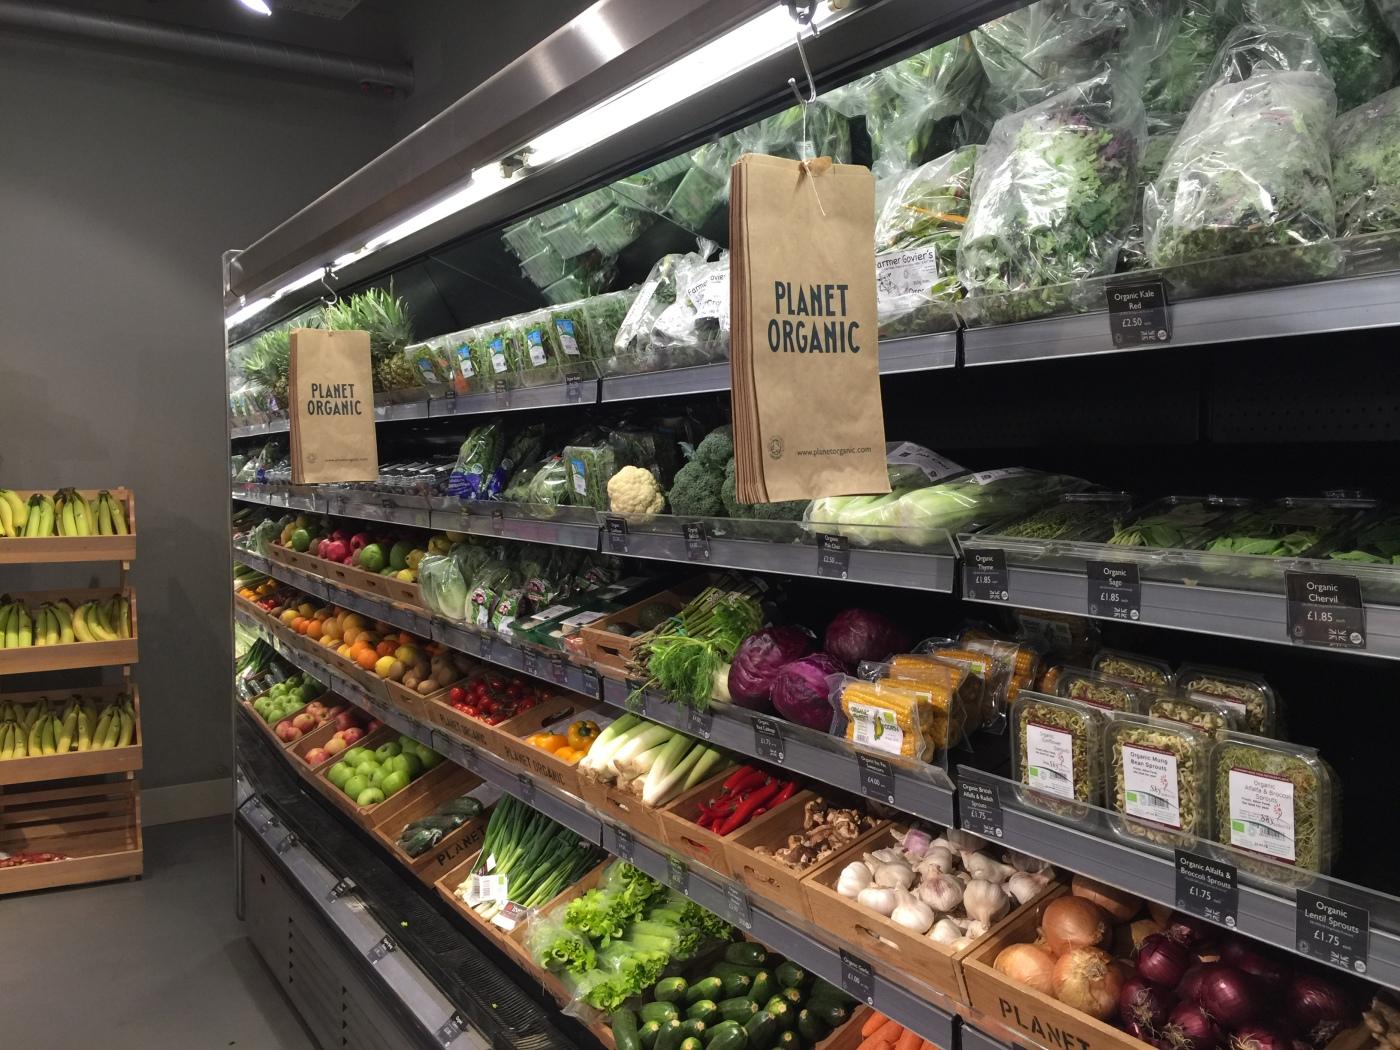 For noen flotte økologiske grønnsaker.